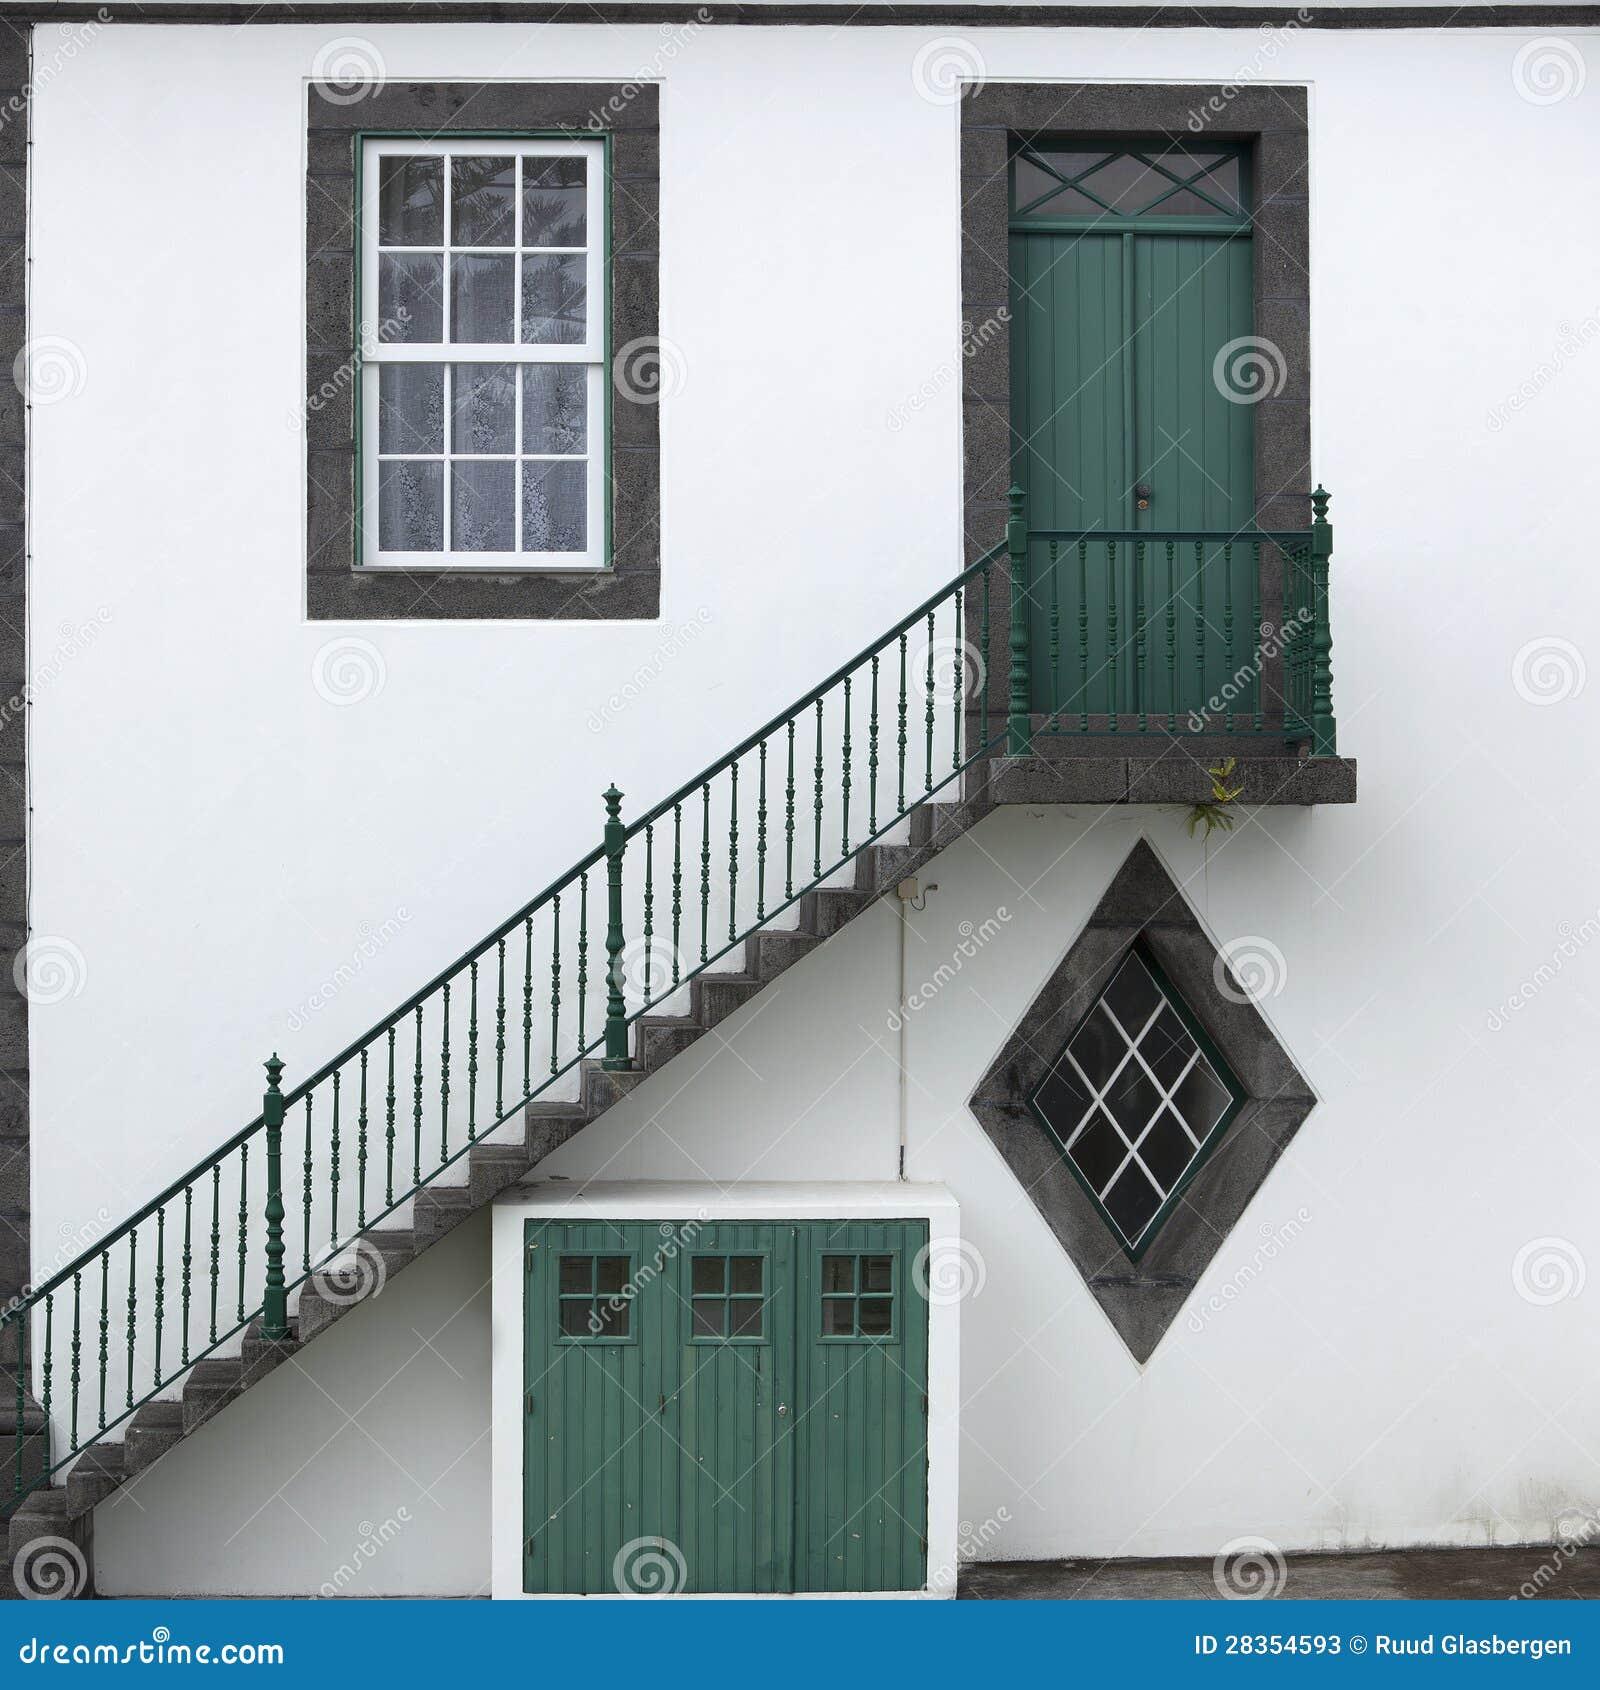 Puertas ventanas y escaleras en la isla de azores imagen for Puertas de escalera